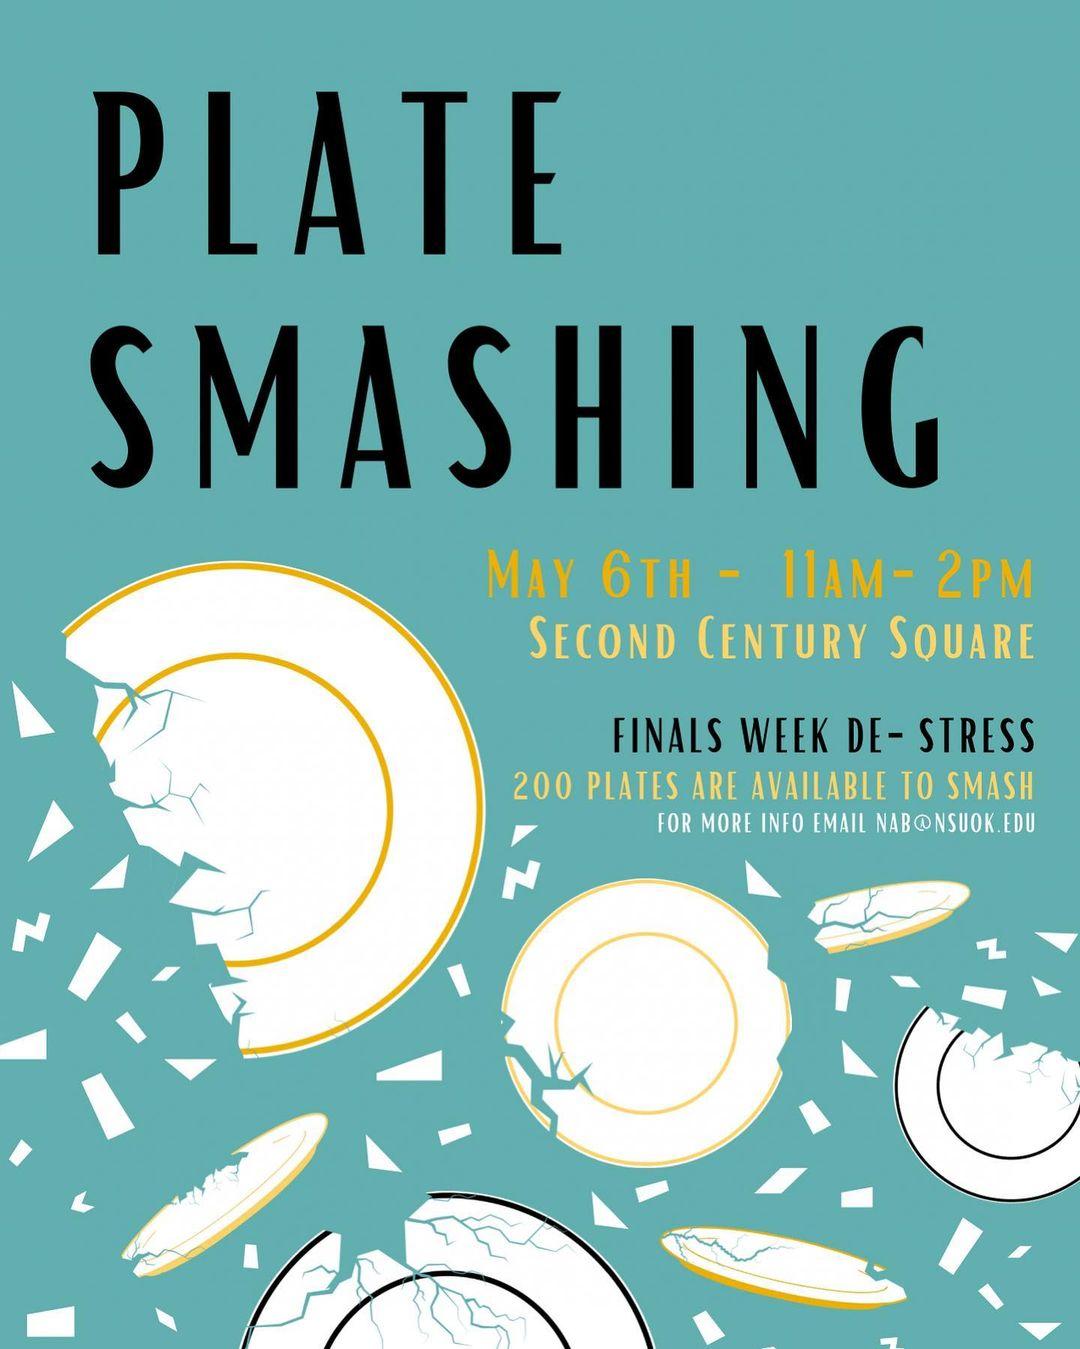 Plate Smashingn